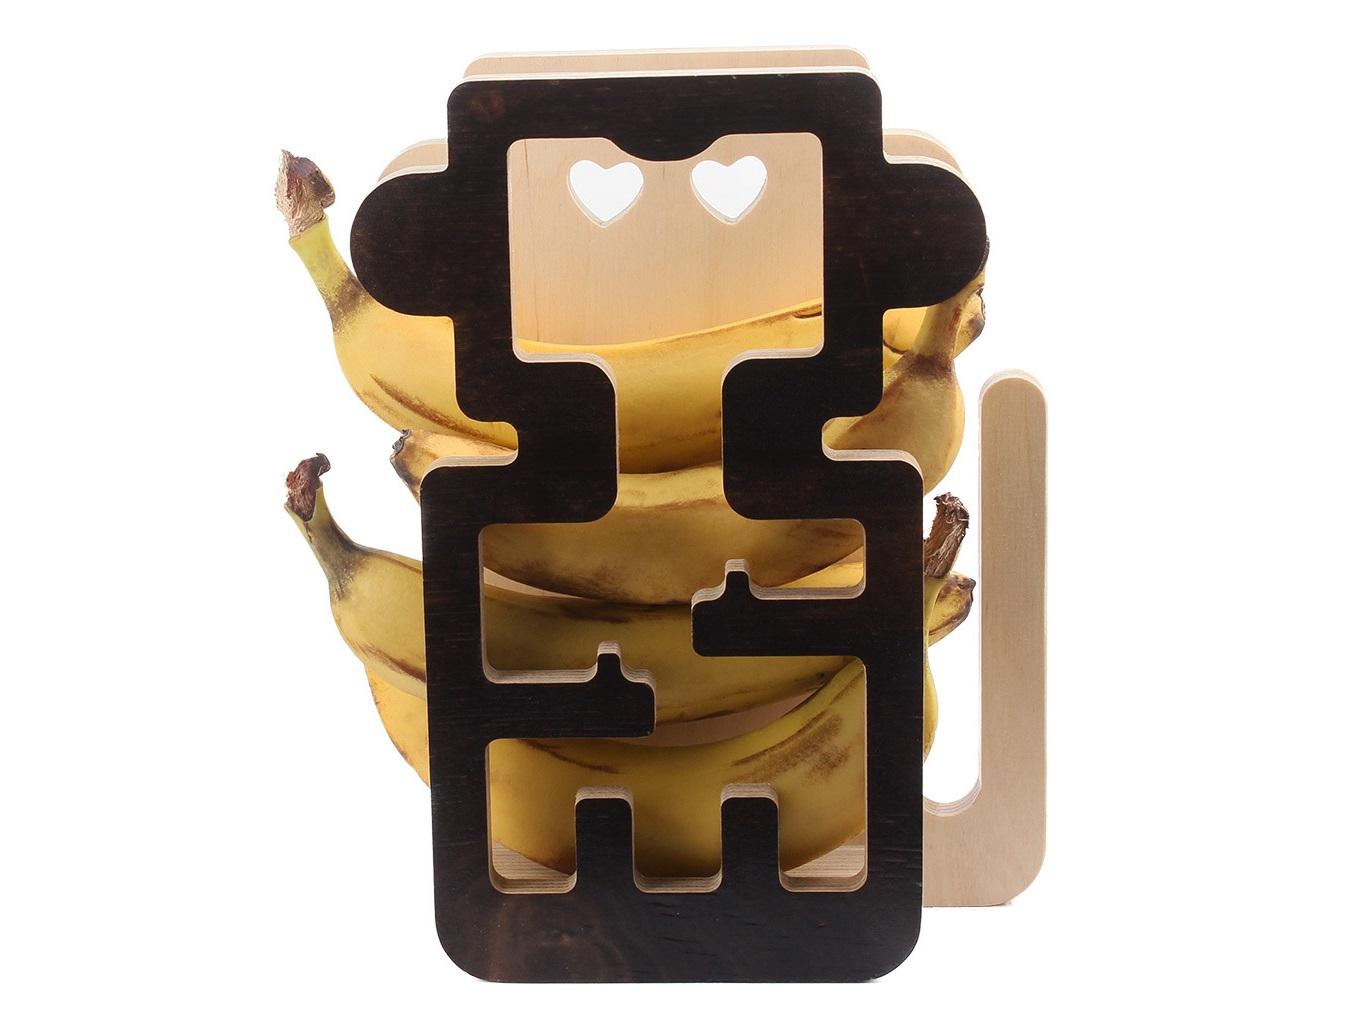 Держатель для бананов Monkey helperДругое<br>Материал: березовая фанера, огонь, водный лакДоп. предметы на фото в стоимость не входят.<br><br>kit: None<br>gender: None